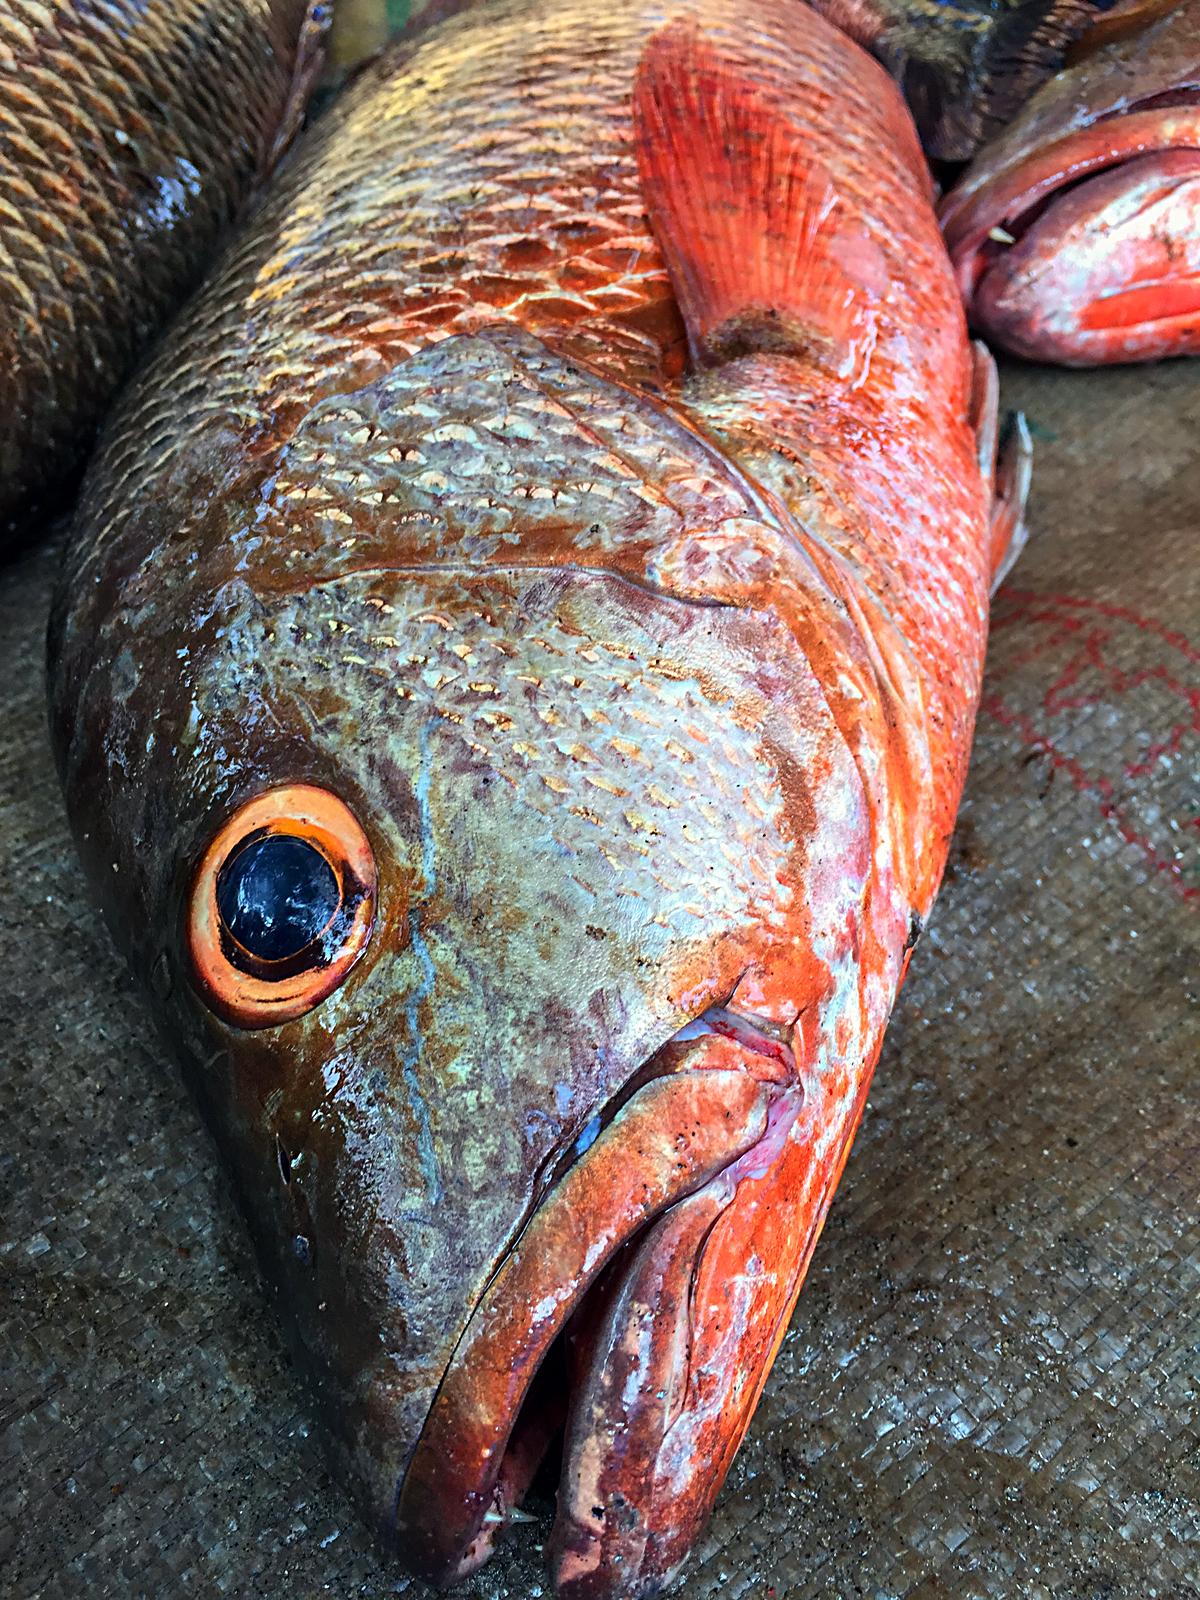 INDIEN Cochin Kerala Menschen Fischmarkt FINEST-onTour 2337.jpg